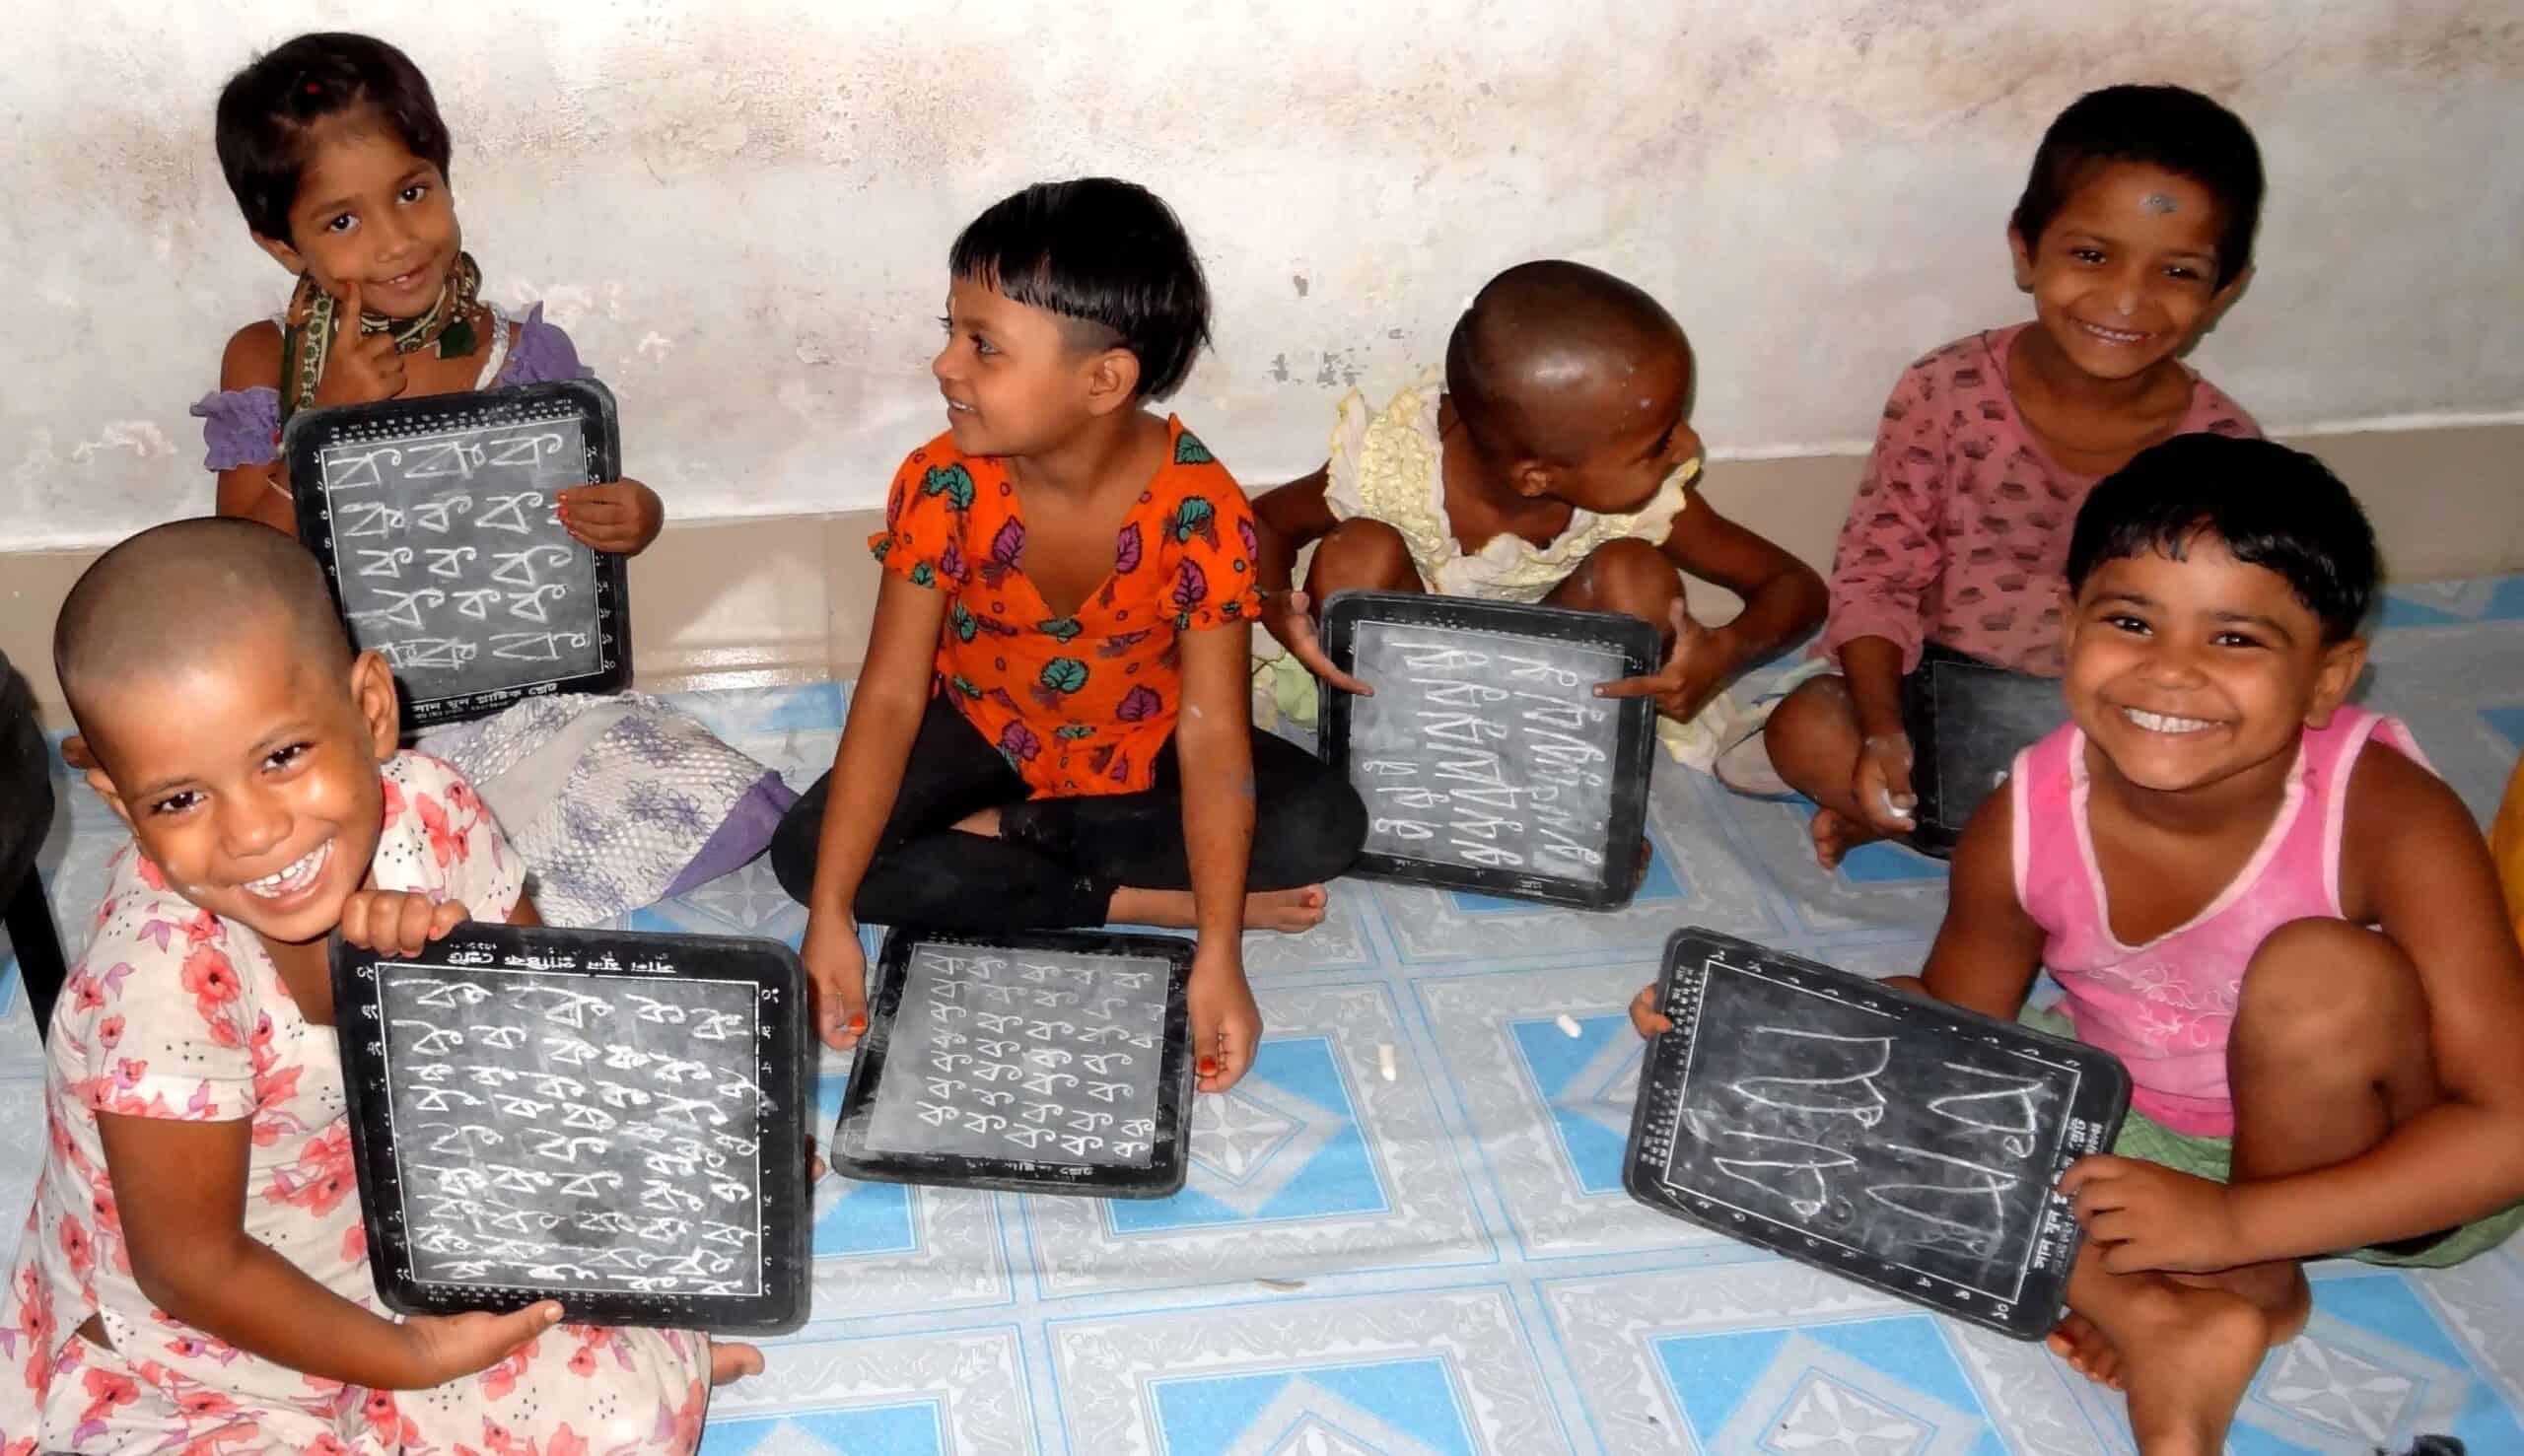 Děti se učí číst, psát apočítat